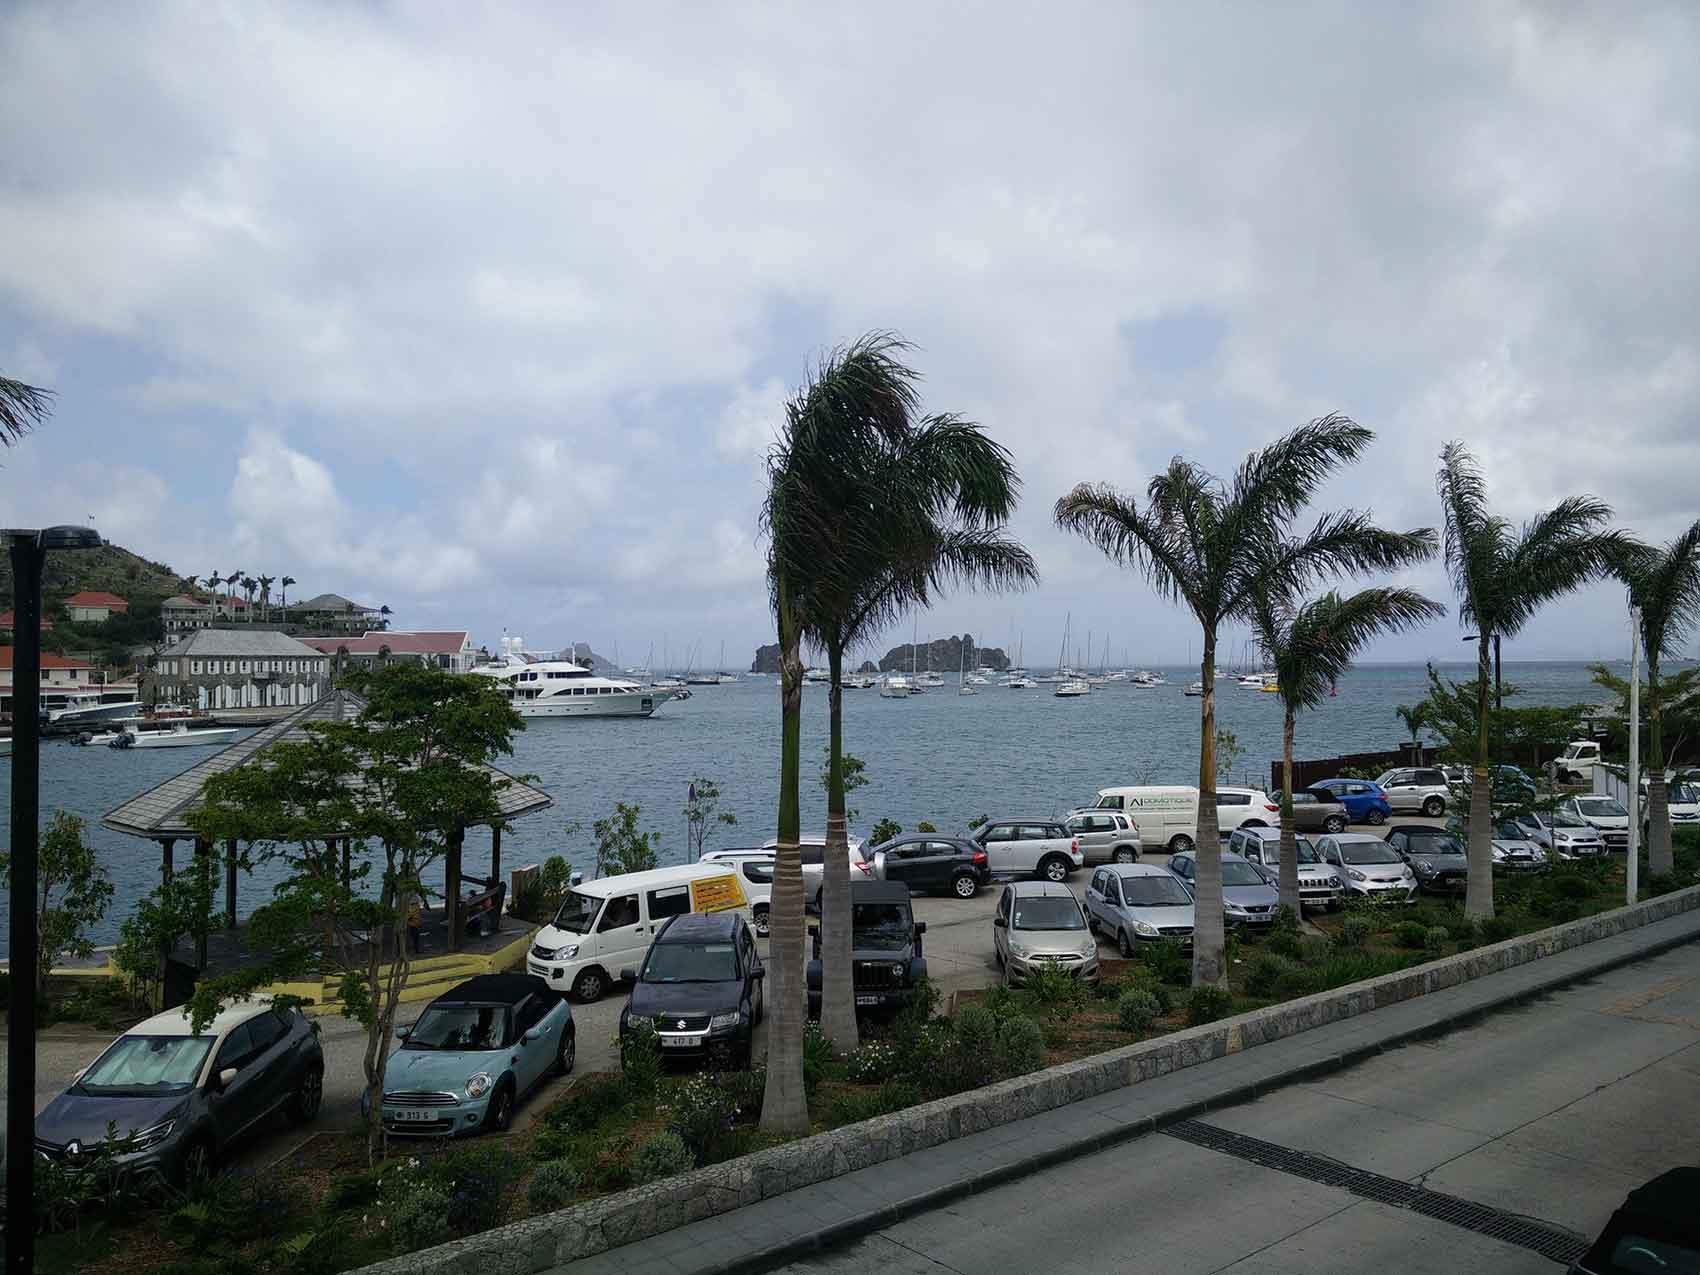 La vue sur la baie de Gustavia depuis le port à Saint Barth.